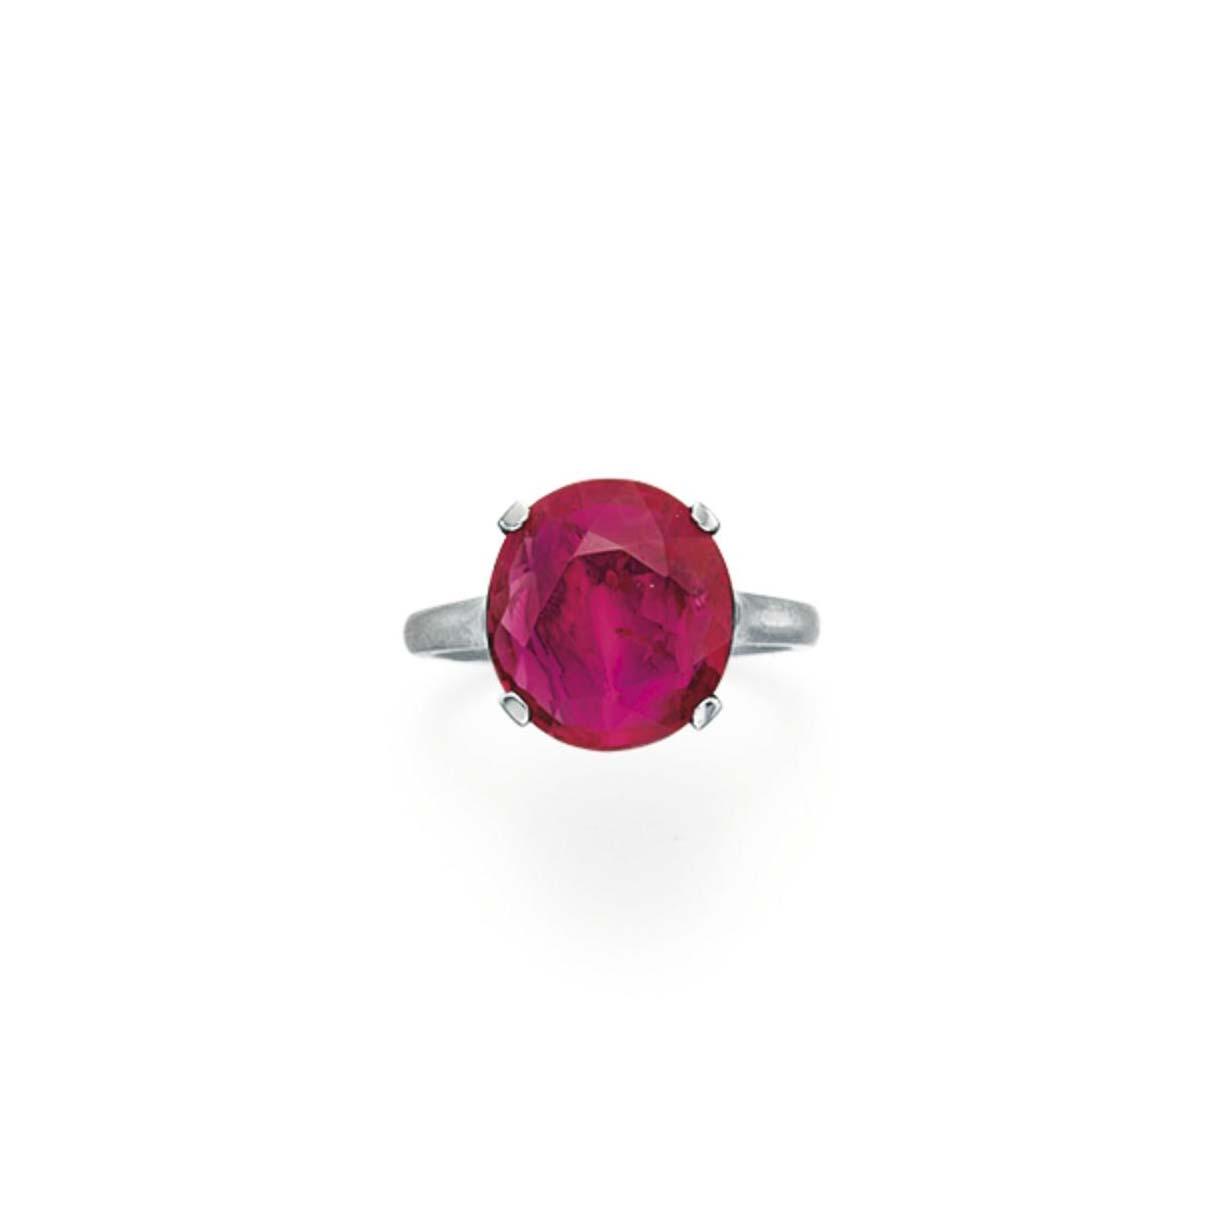 A RUBY RING, BY VERDURA